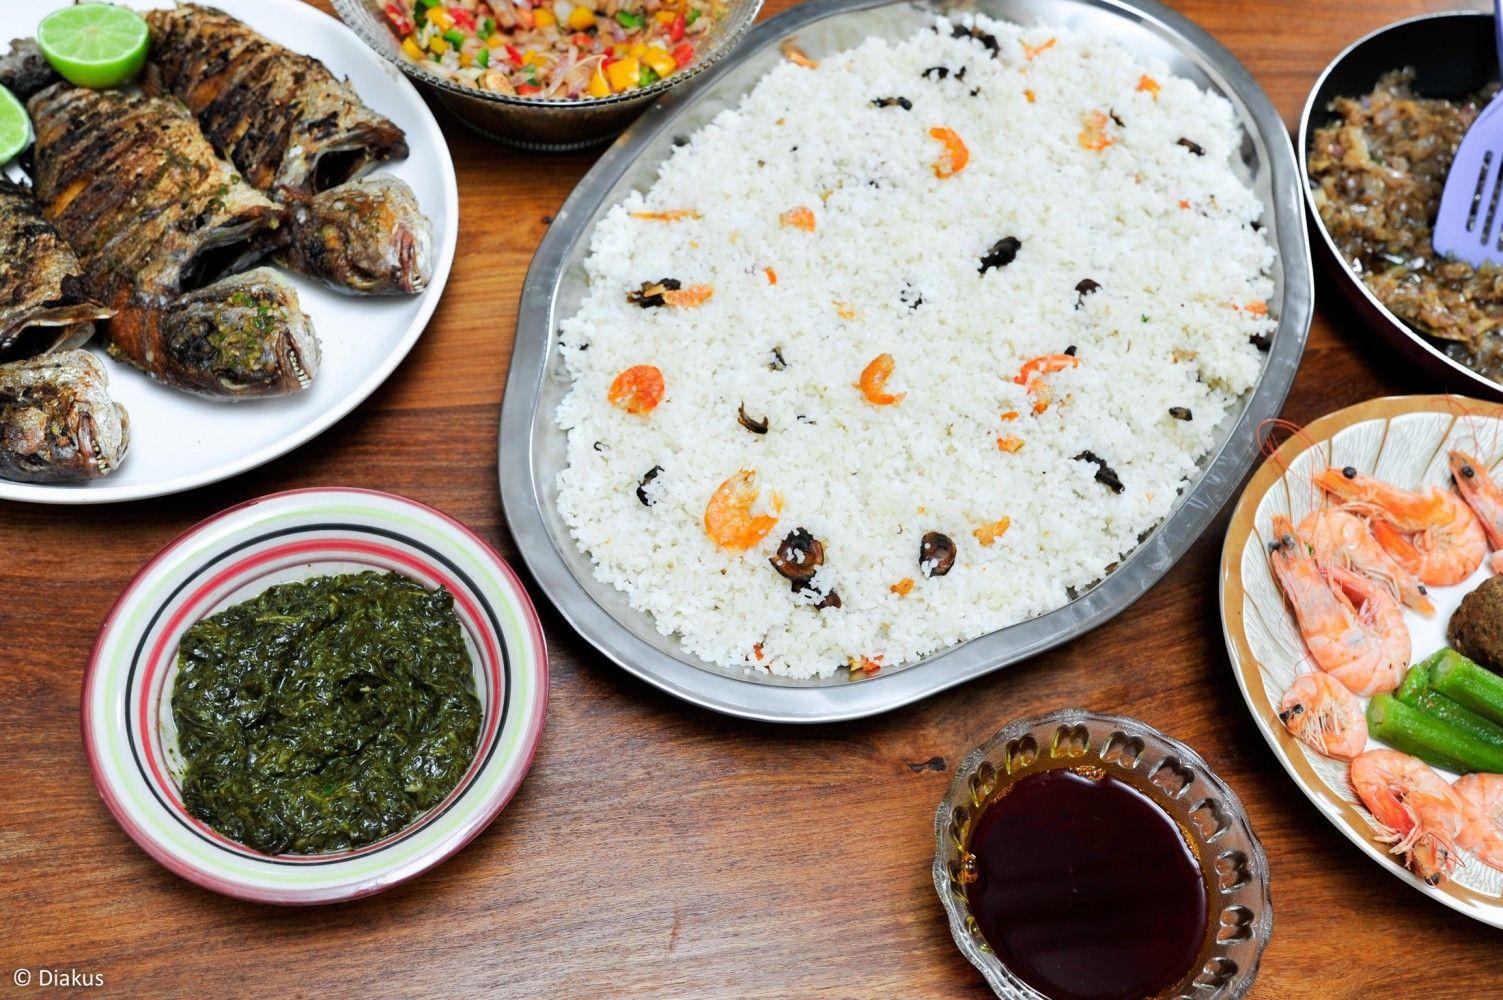 Recette Du C Est Bon Ou Thiebou Diola Senecuisine Cuisine Senegalaise Recettes De Cuisine Cuisine Senegalaise Recettes De Cuisine Africaine